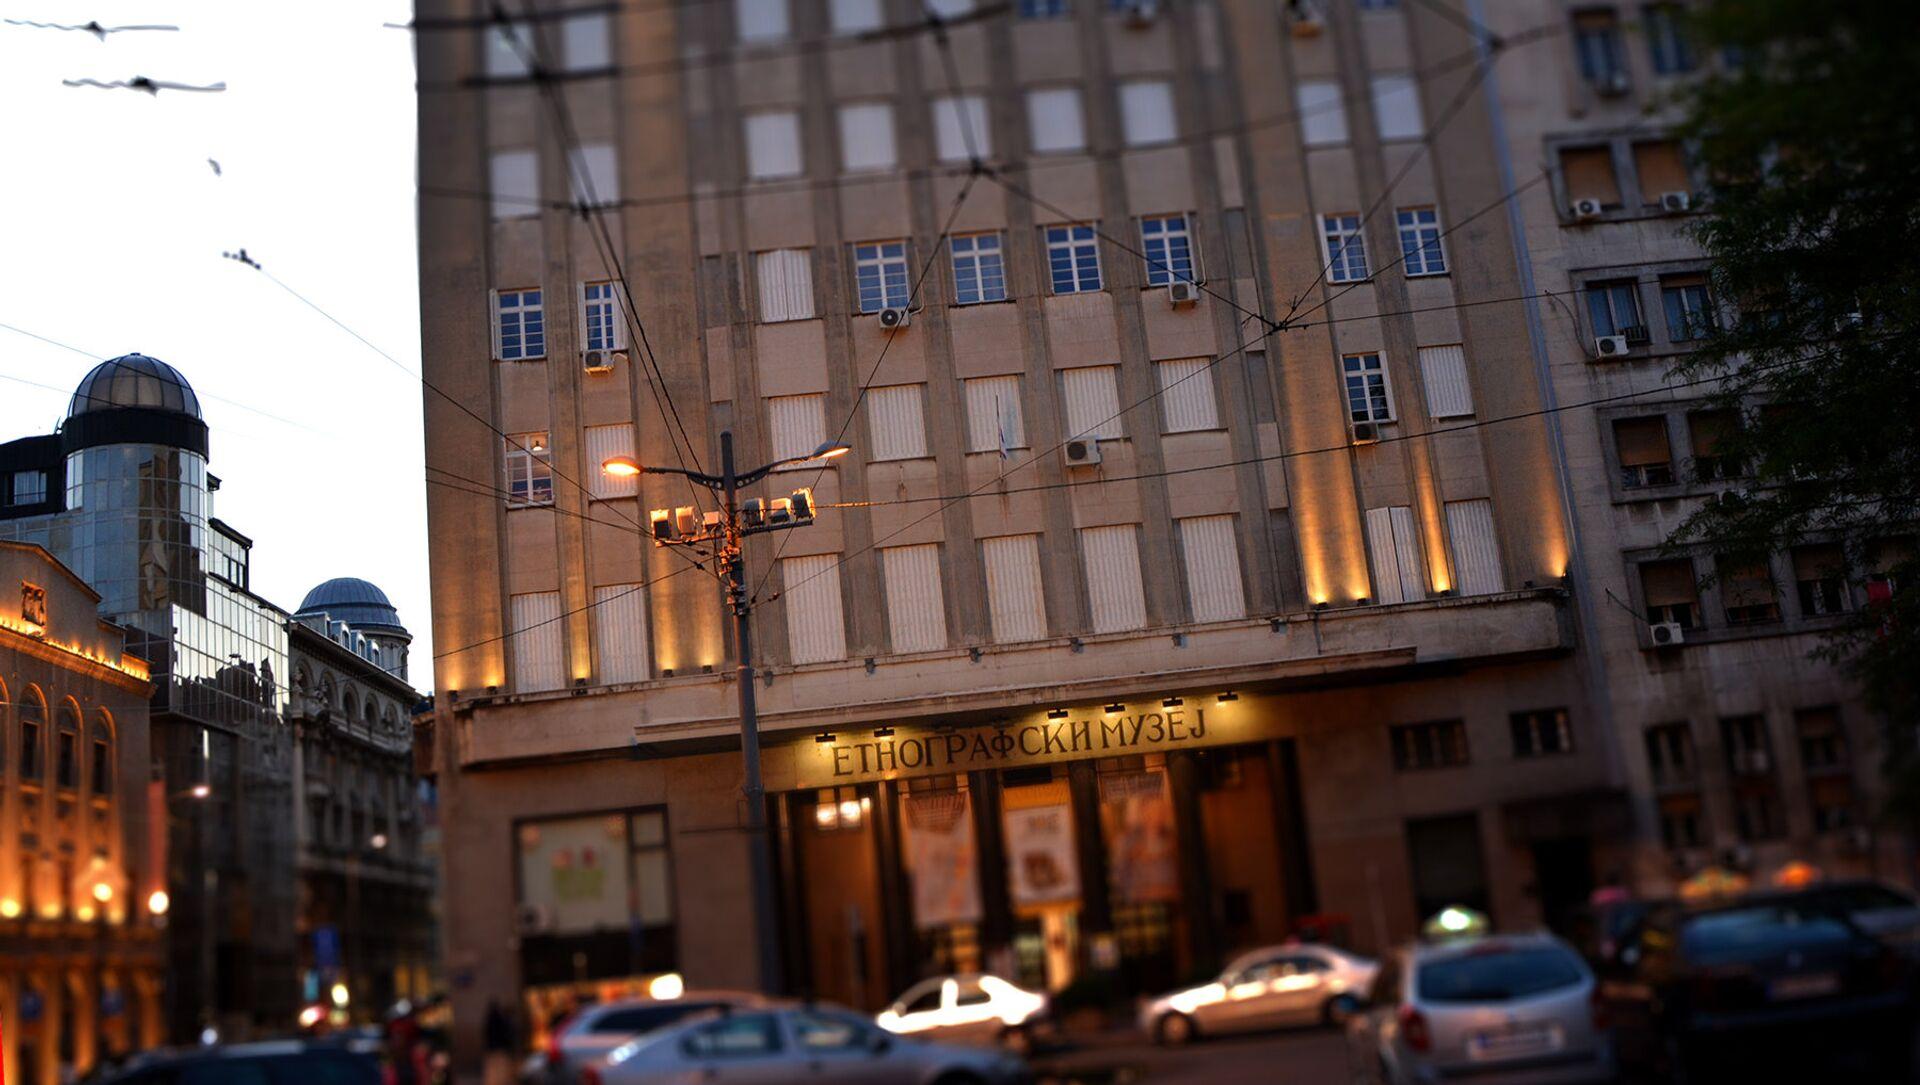 Етнографски музеј у Београду. - Sputnik Србија, 1920, 20.05.2021